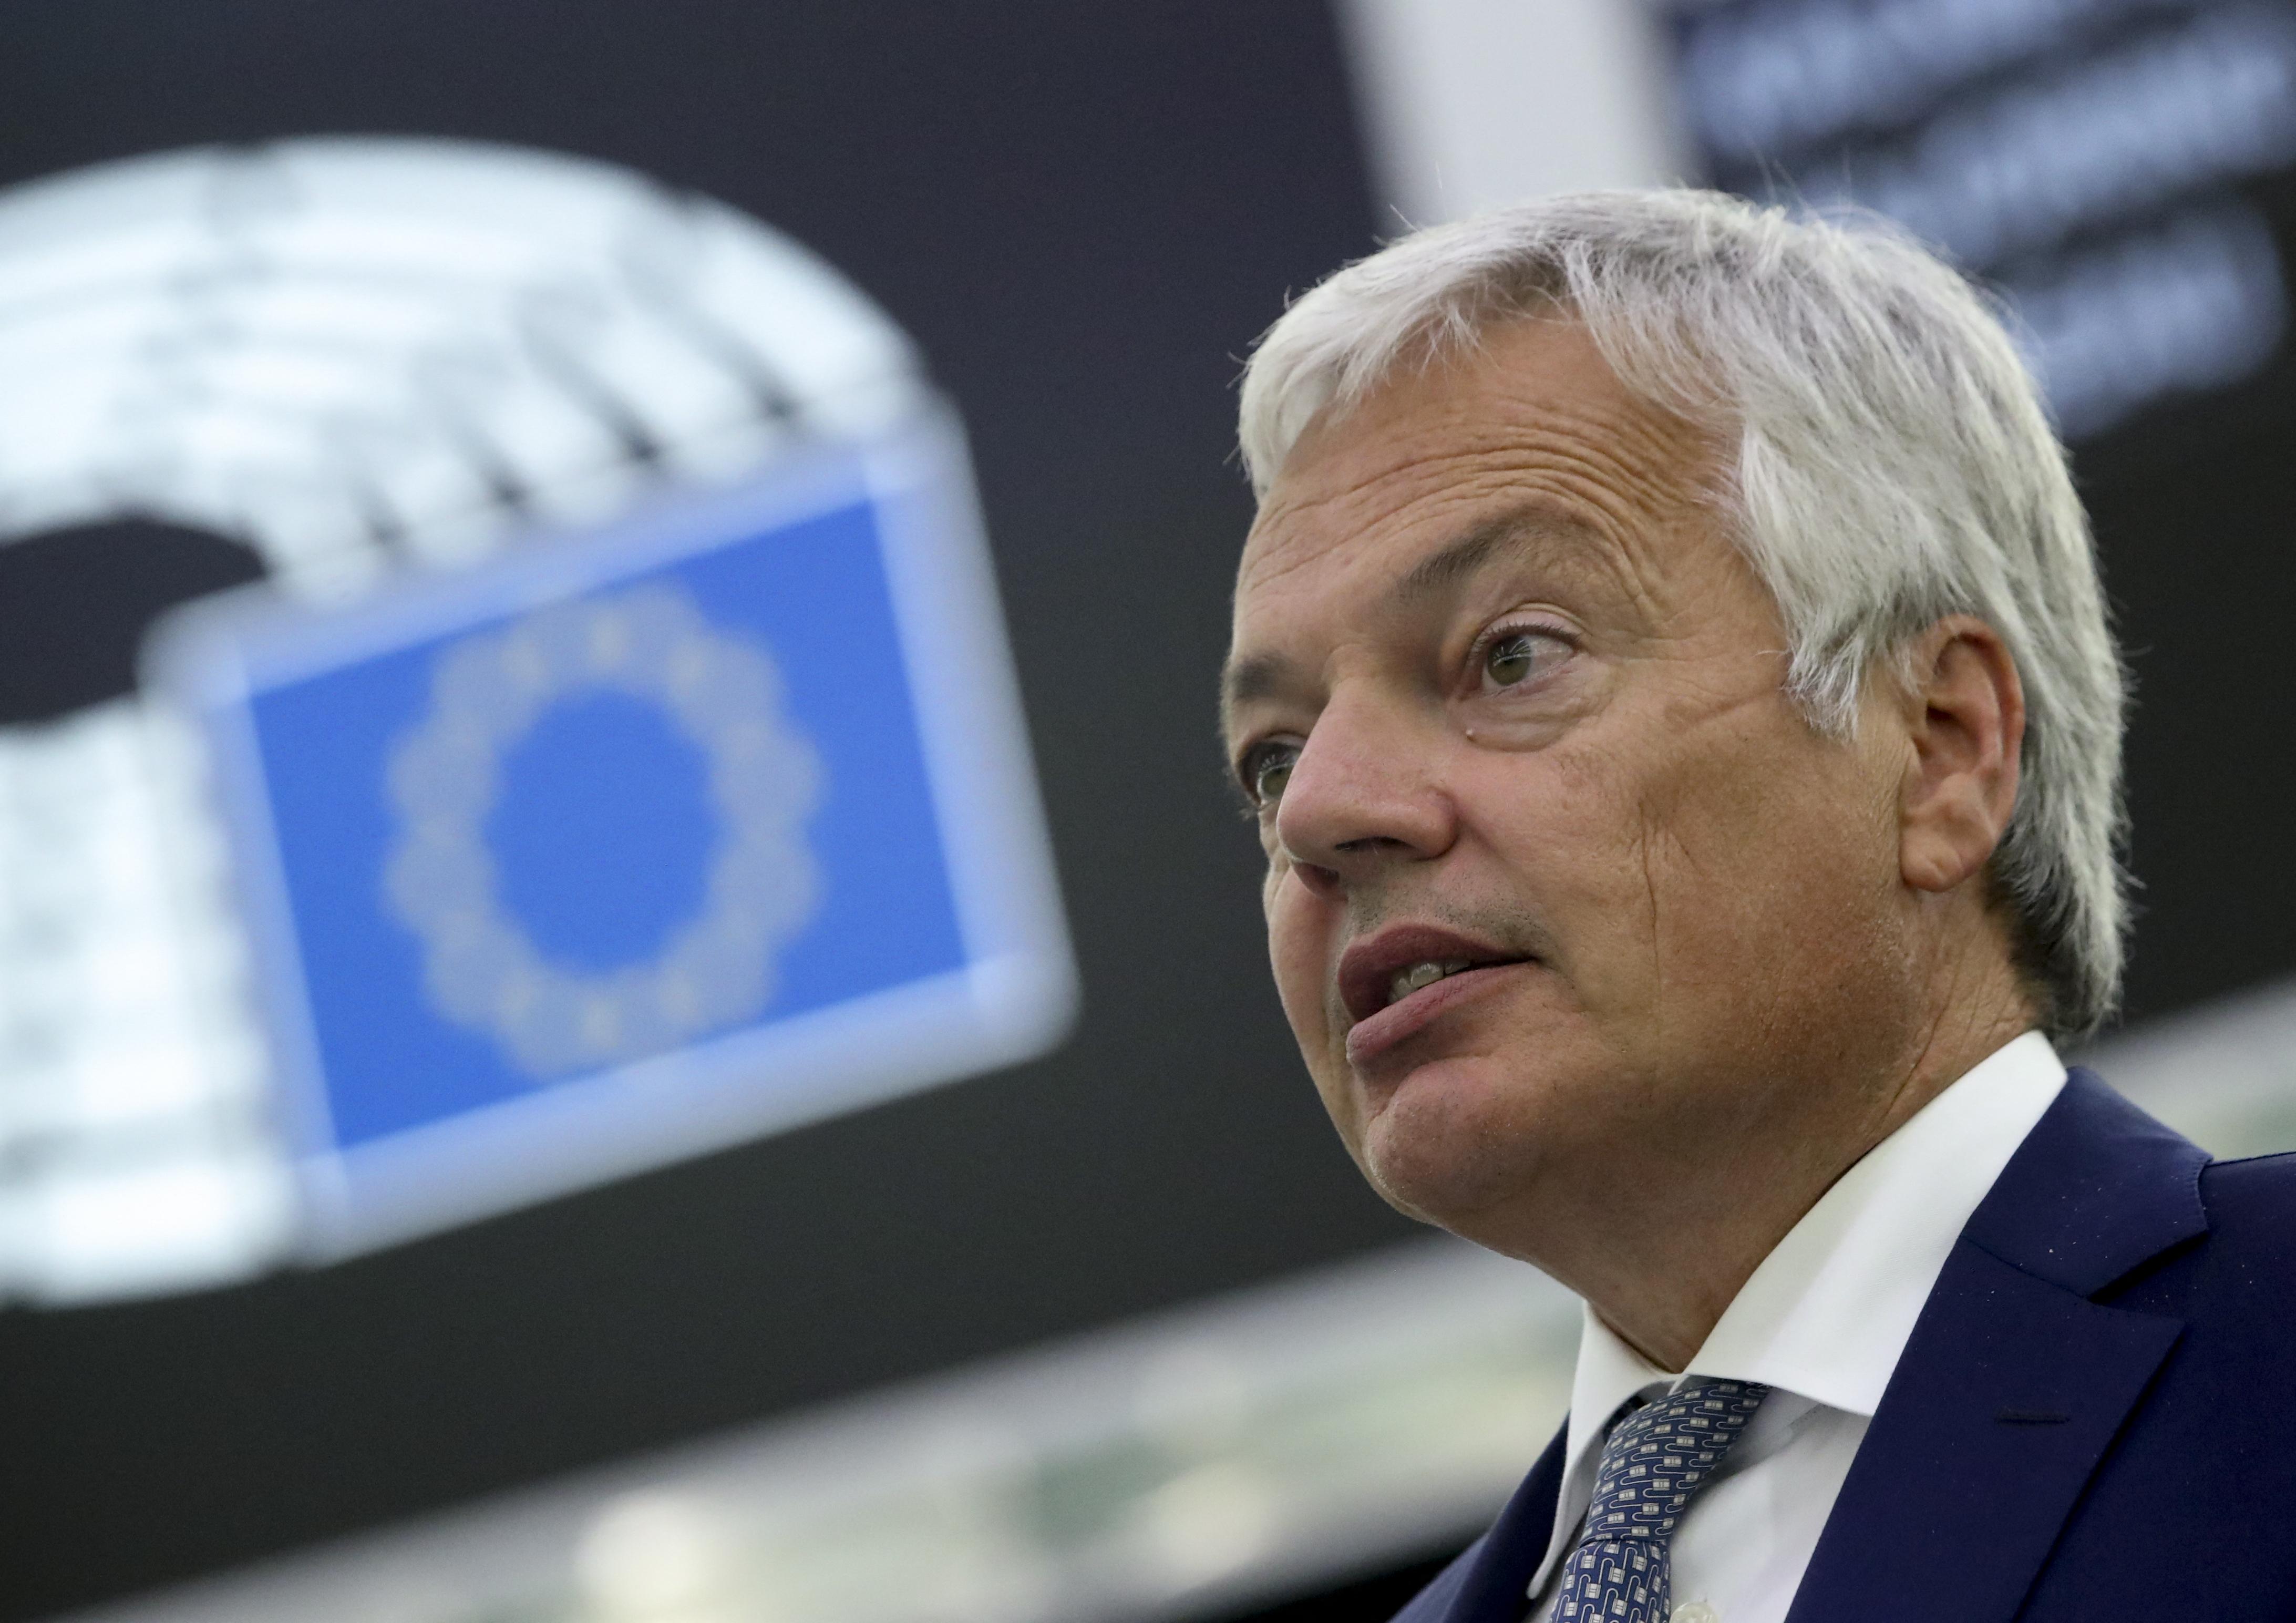 Az uniós igazságügyi biztos árgus szemmel figyeli a magyar Pegasus-vizsgálatot